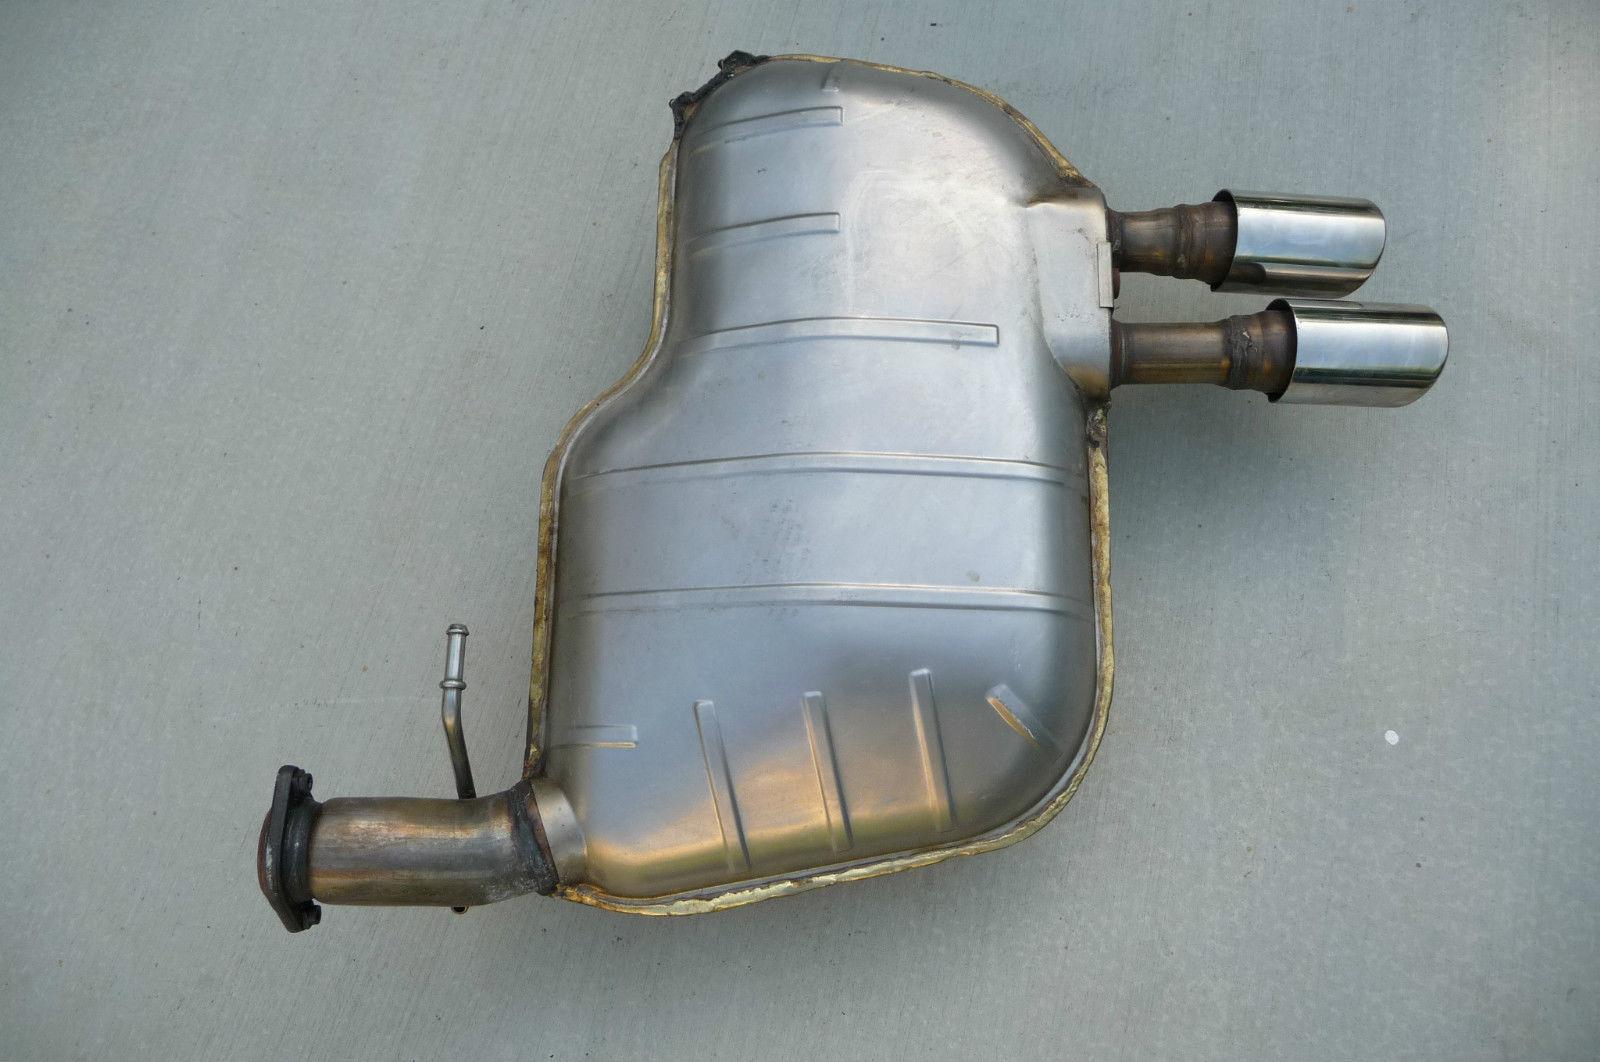 Ferrari 612 Scaglietti RH Right Exhaust Silencer 197767 - Used Auto Parts Store | LA Global Parts